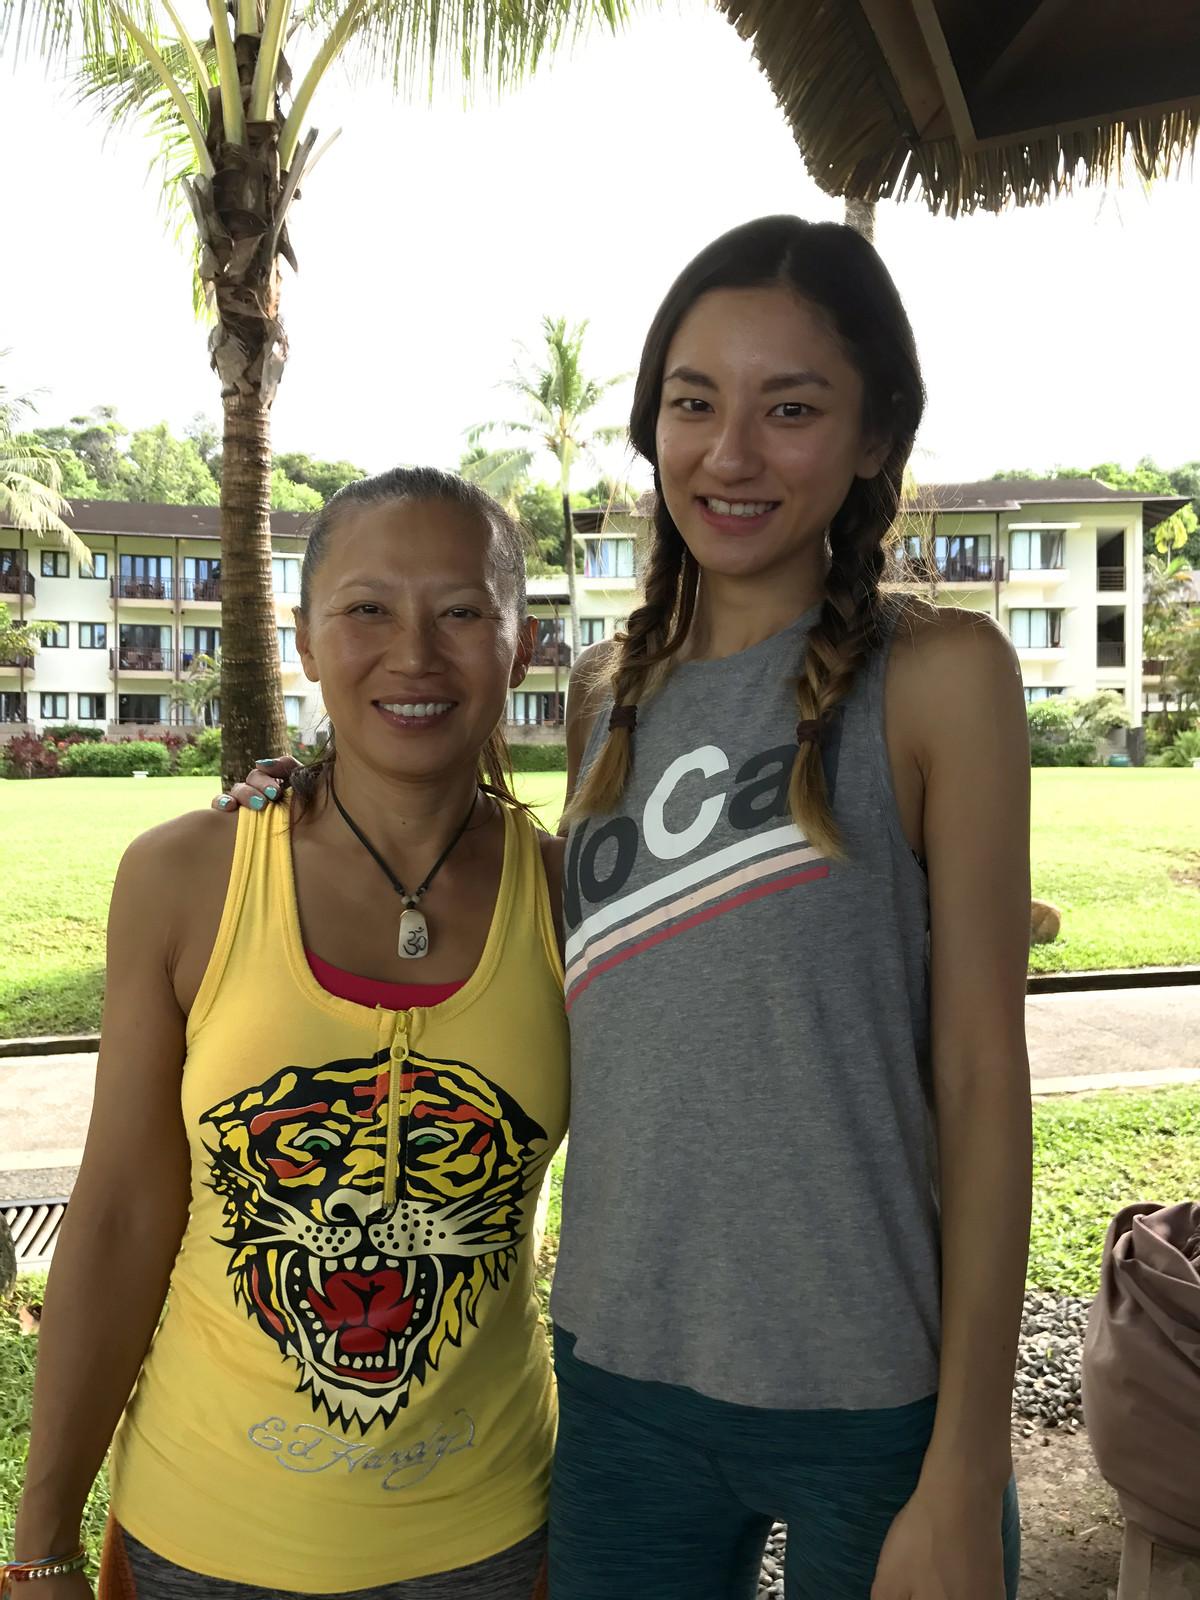 with Hatha flow yoga teacher Fei